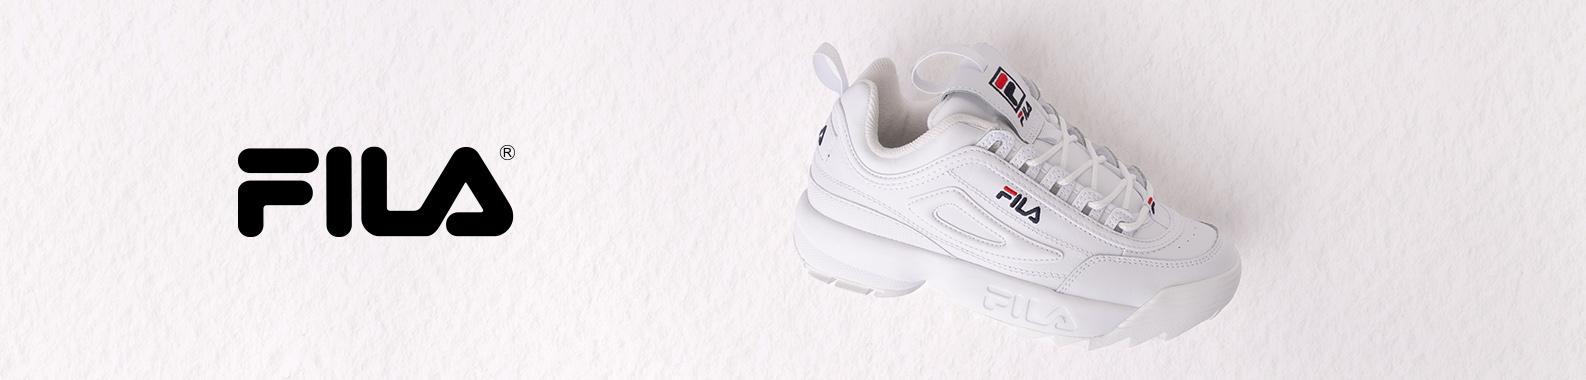 Fila brand header image